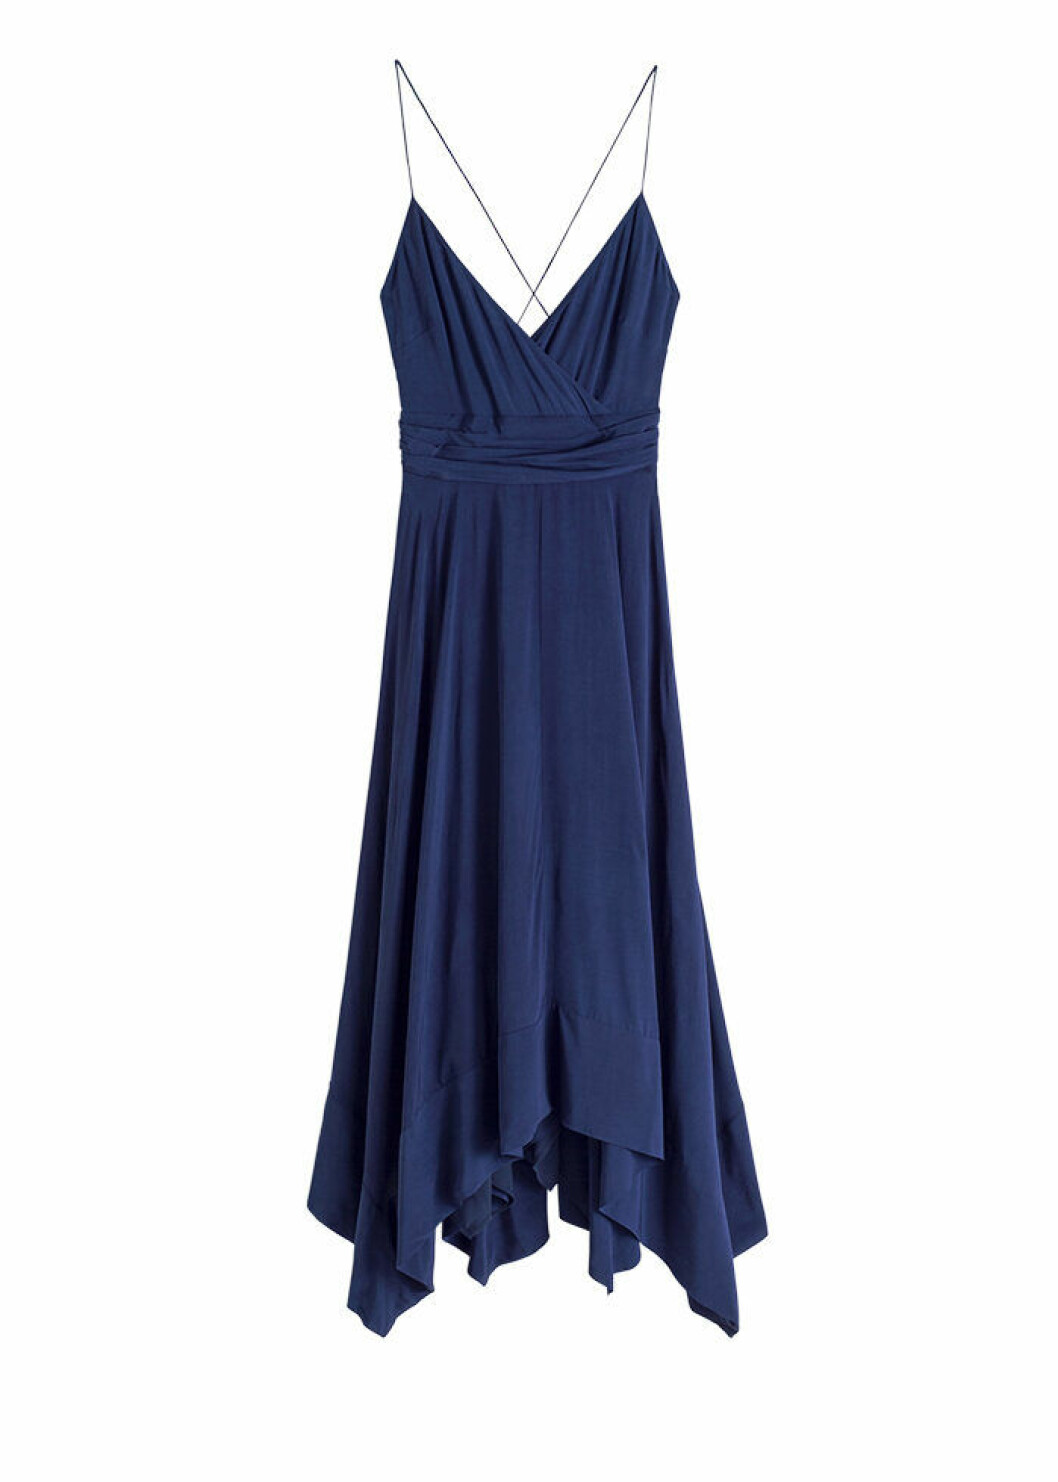 Marinblå klänning med smala axelband